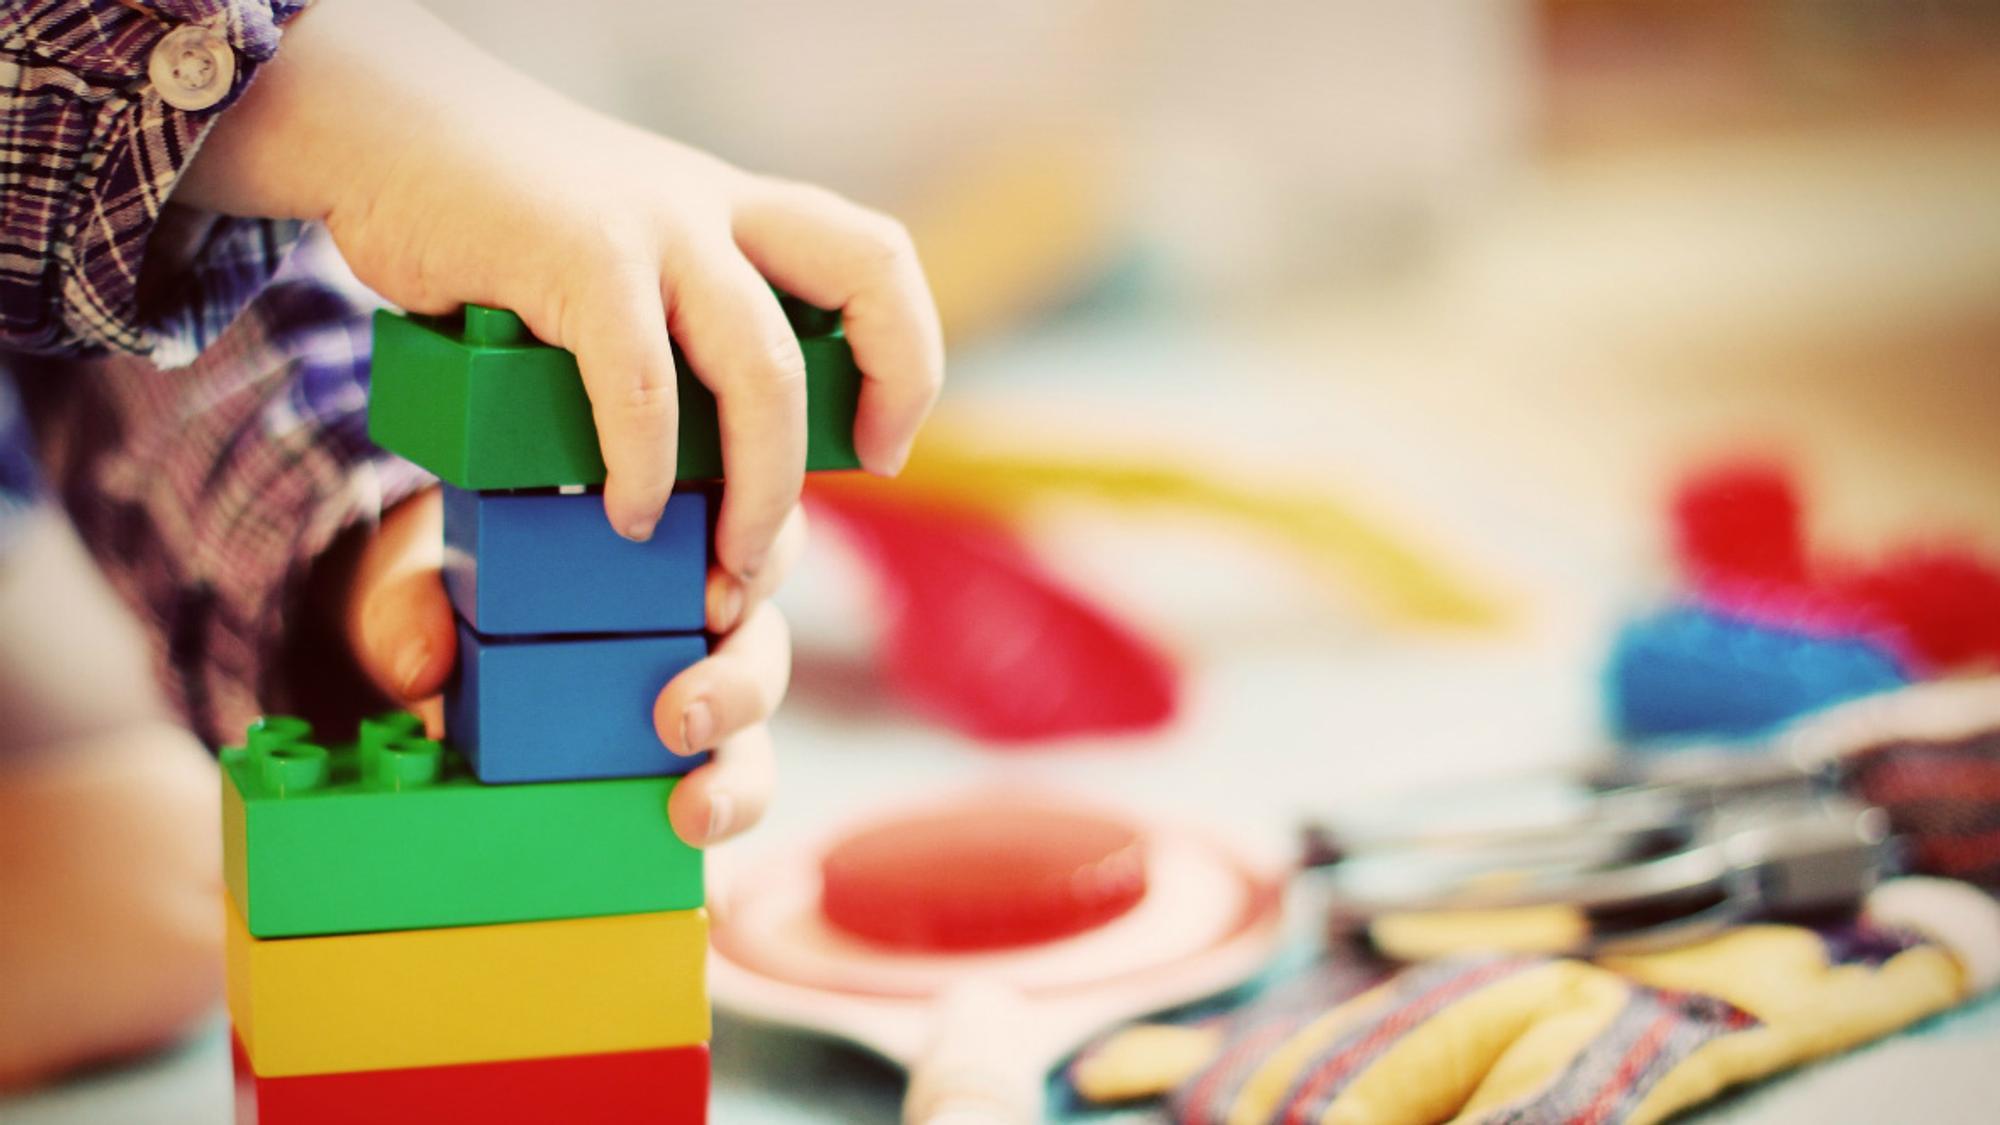 In der Kita gilt bei Spielzeugen - weniger ist mehr.